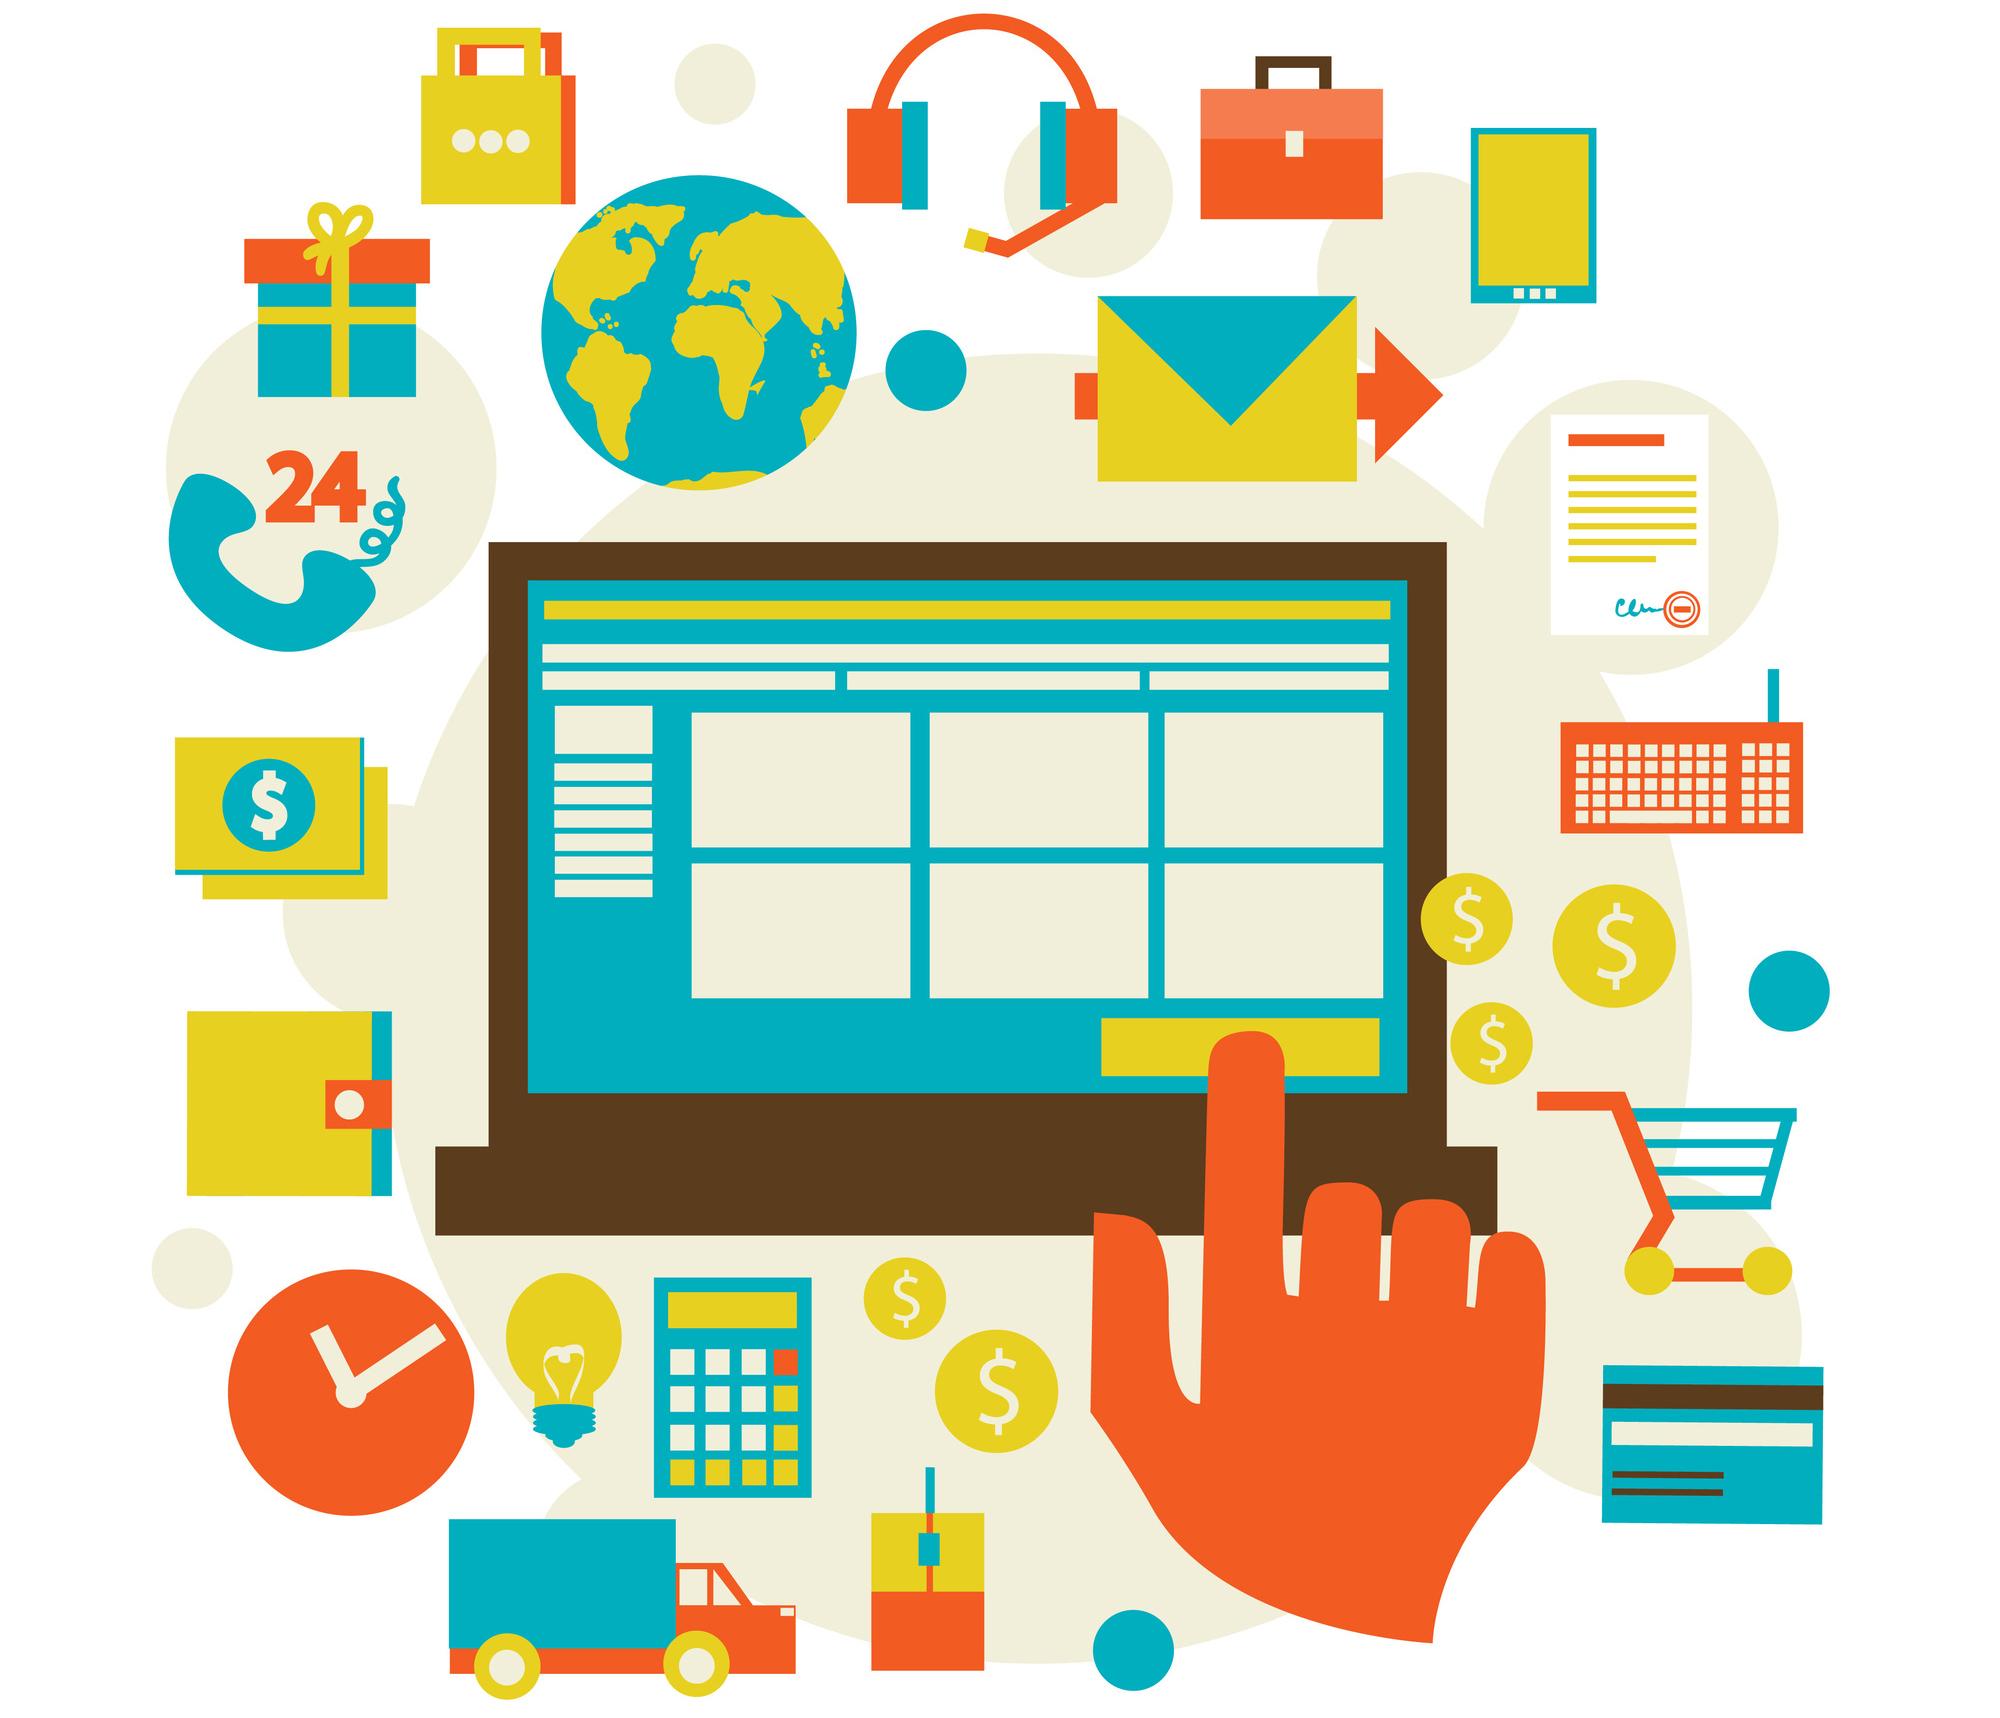 امکانات مورد نیاز وب سایت